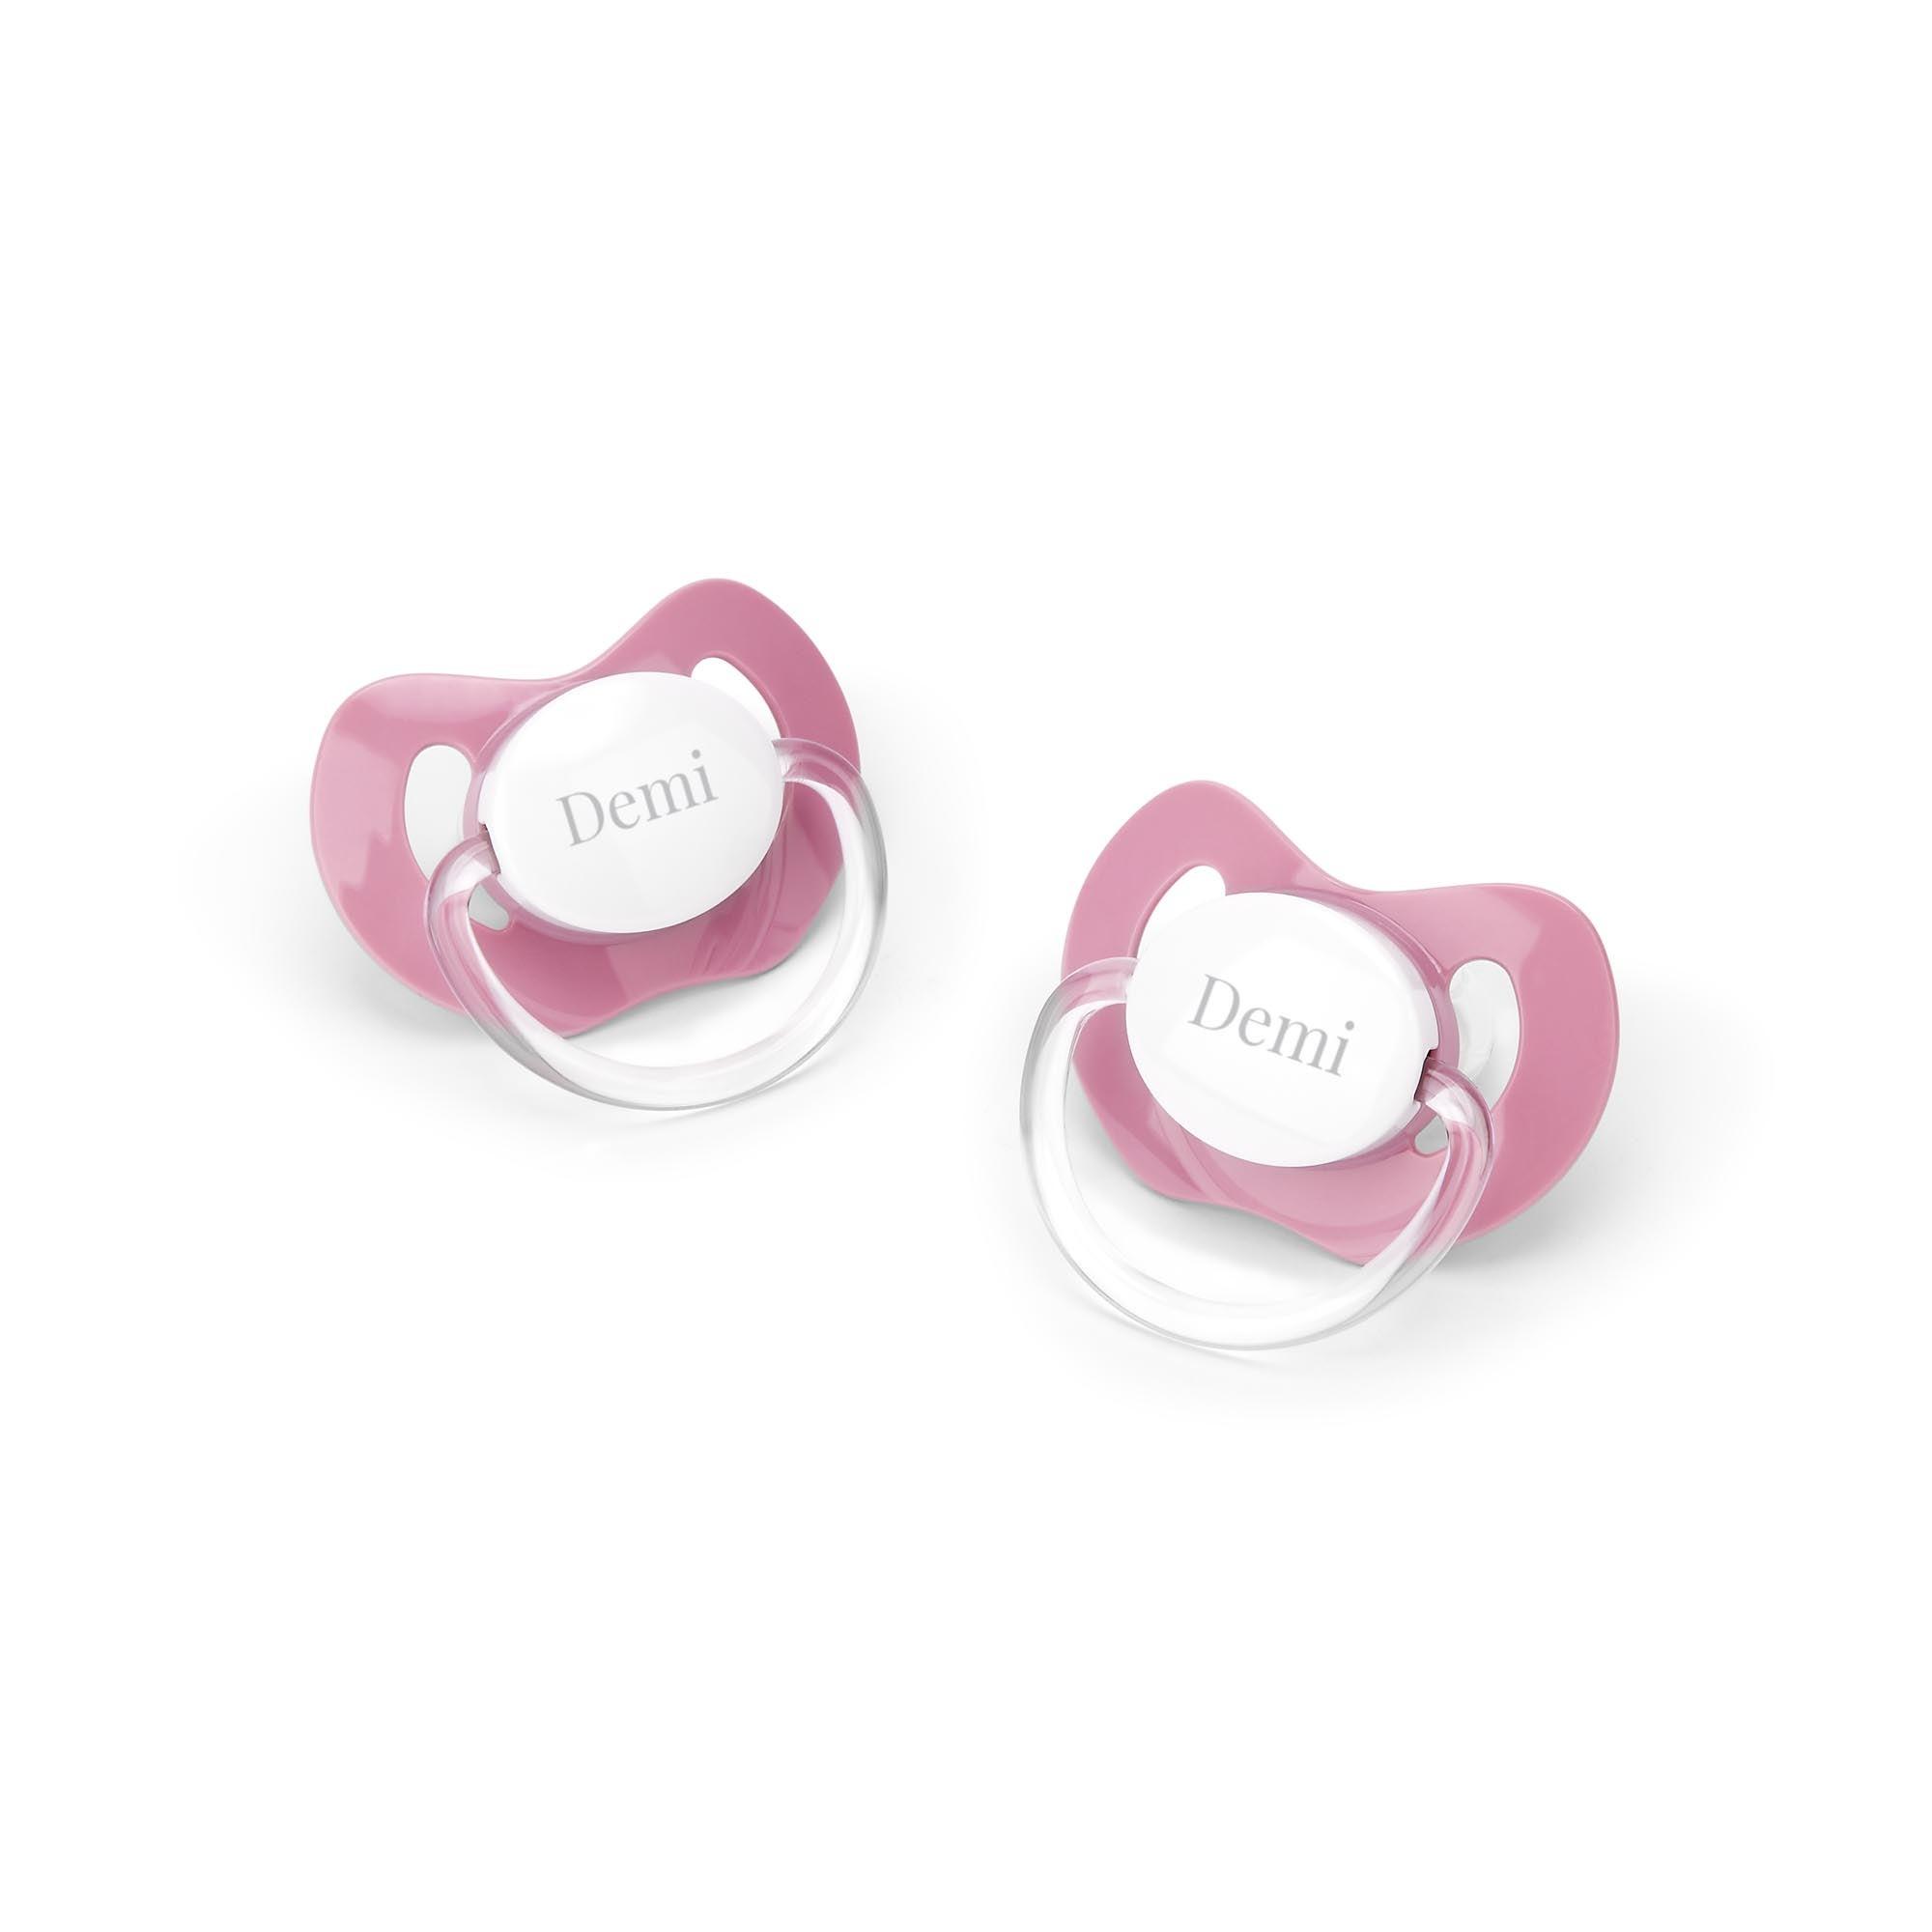 Spenen set met naam bedrukken - Roze